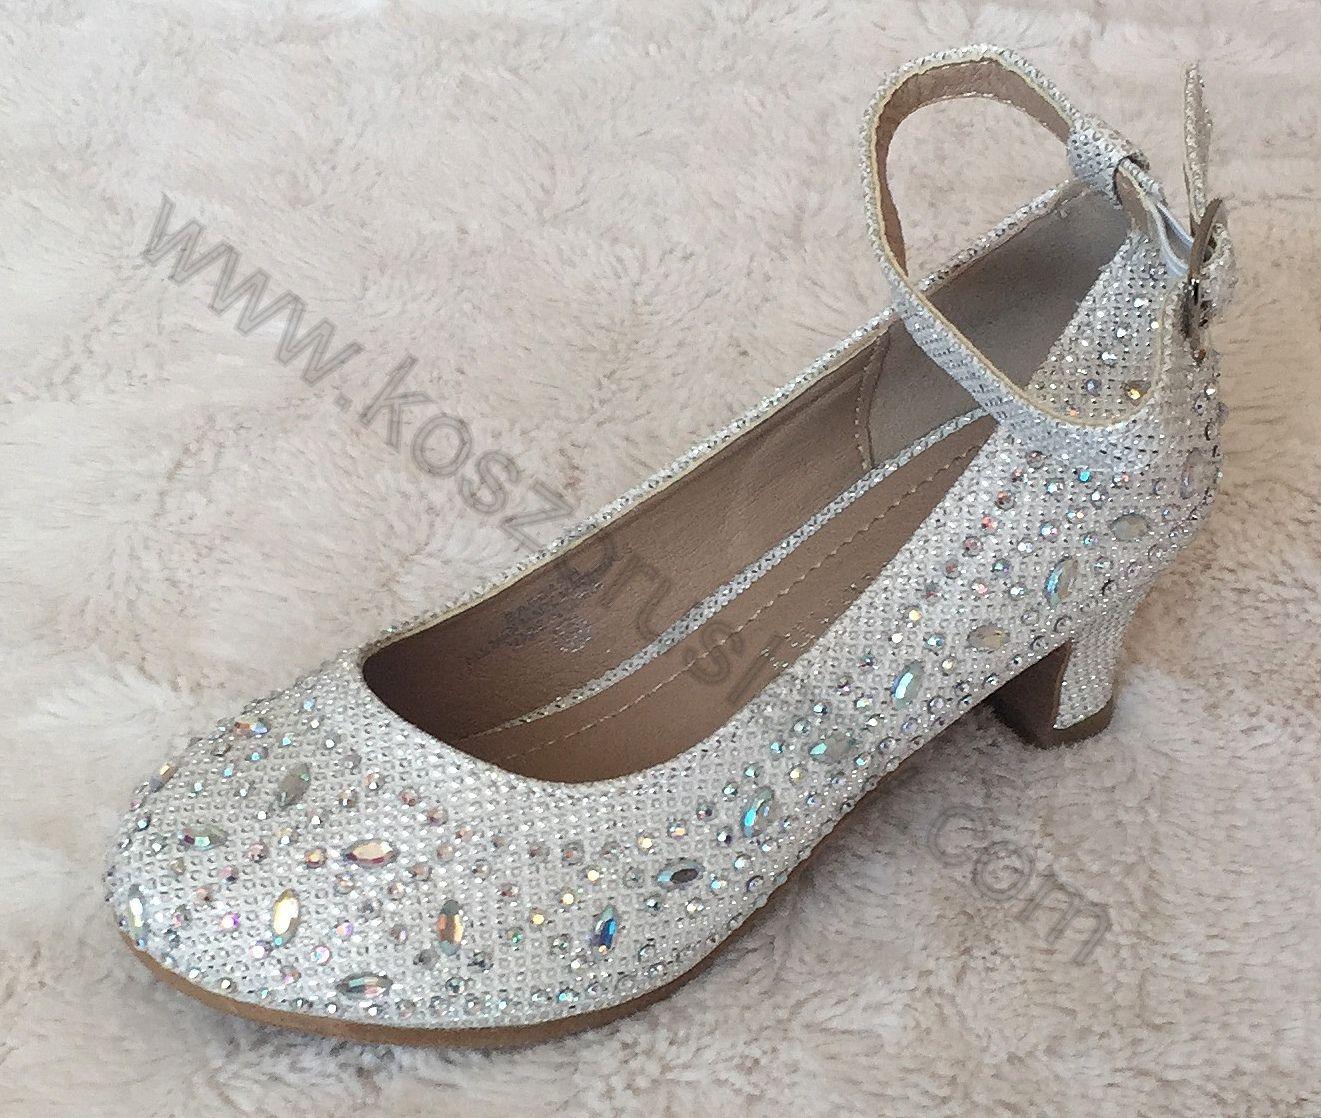 Cipő71 : swarovski kristályokkal flitterekkel díszített alkalmi kislány koszorúslány cipő kopogós vagy emelt sarokkal